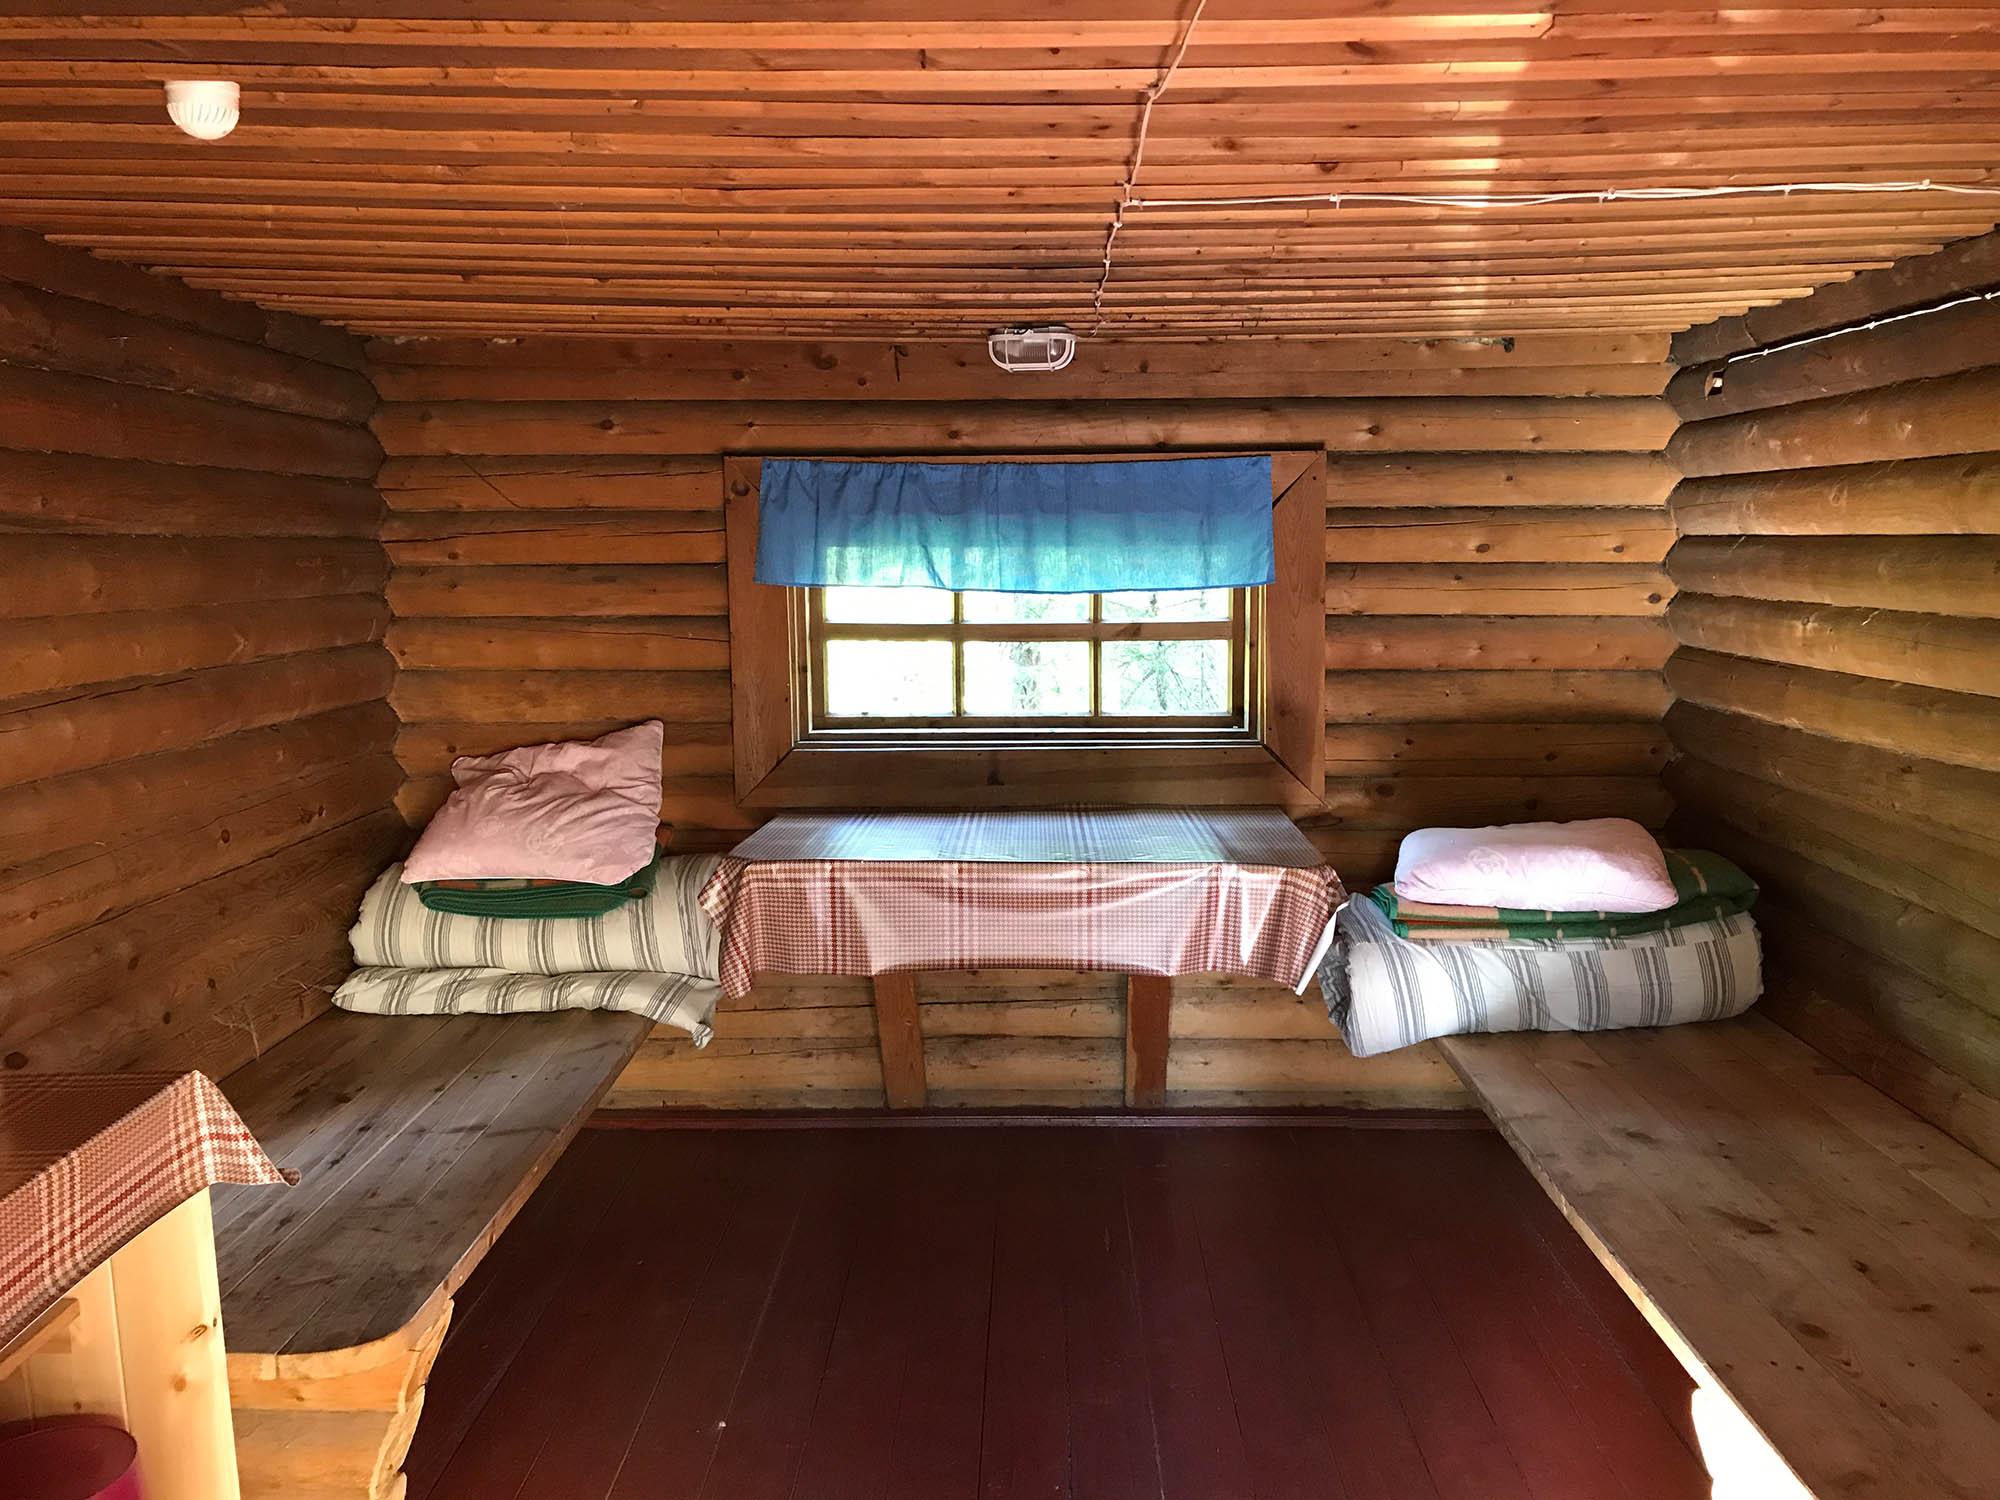 Если взять с собой туристический коврик и положить его на матрас под простынь, спать будет мягче